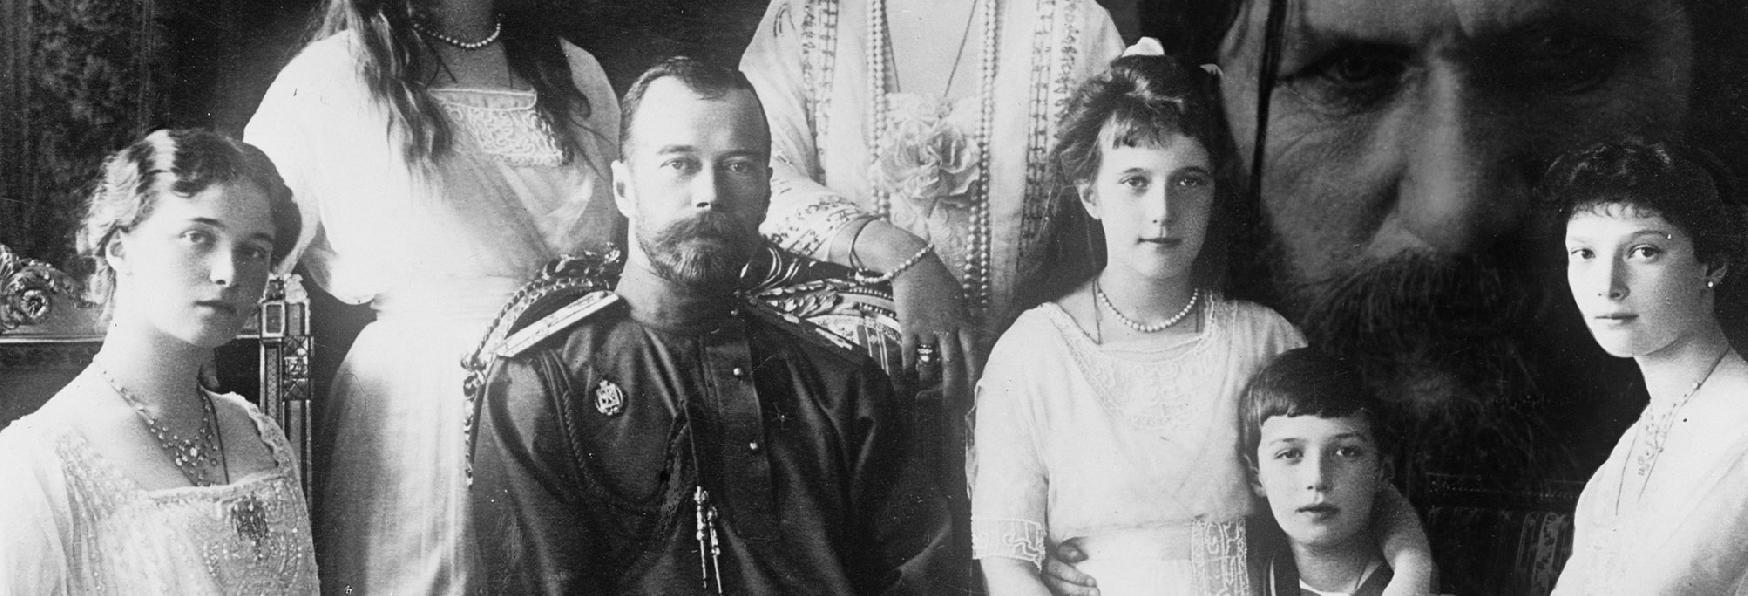 The Last Czars: la Storia dei Romanov è in arrivo su Netflix. Tutti i dettagli